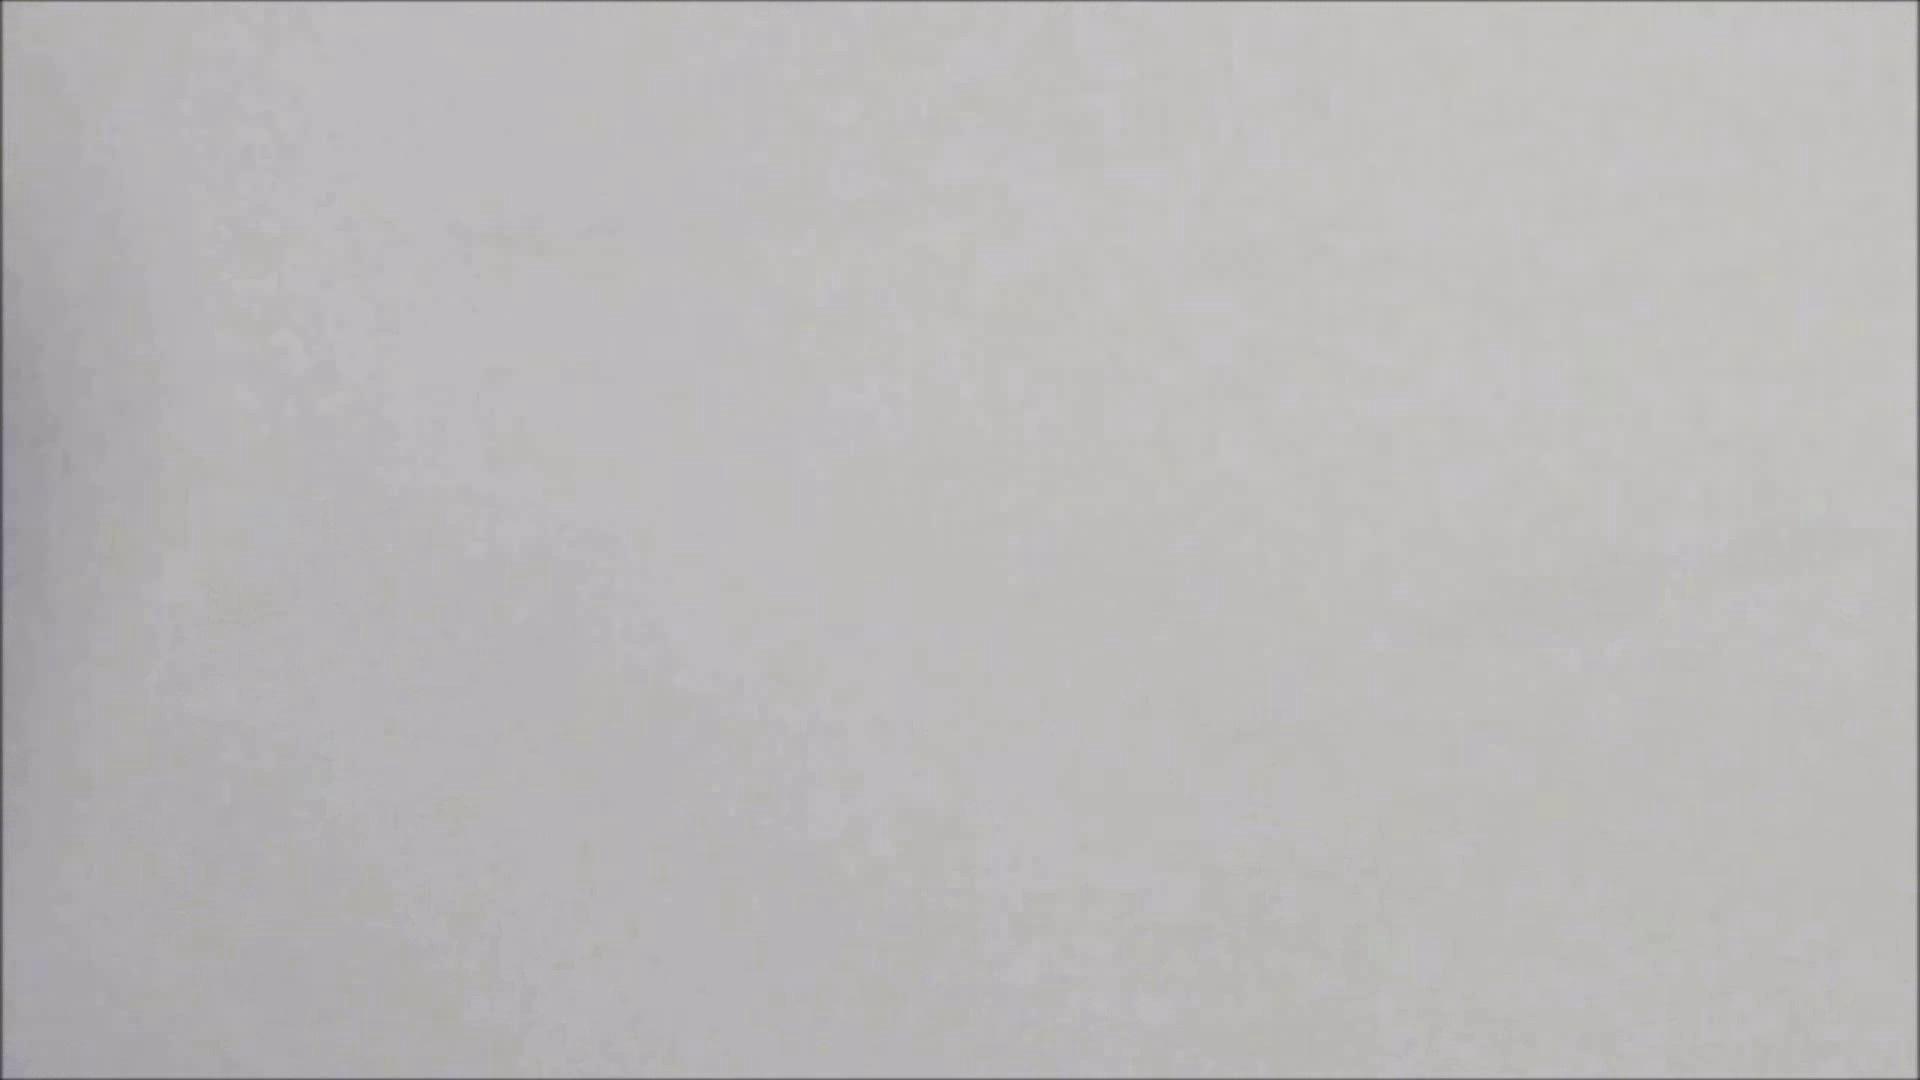 洗面所盗撮~隣の美人お姉さんVol.18 ギャル エロ画像 100PIX 23